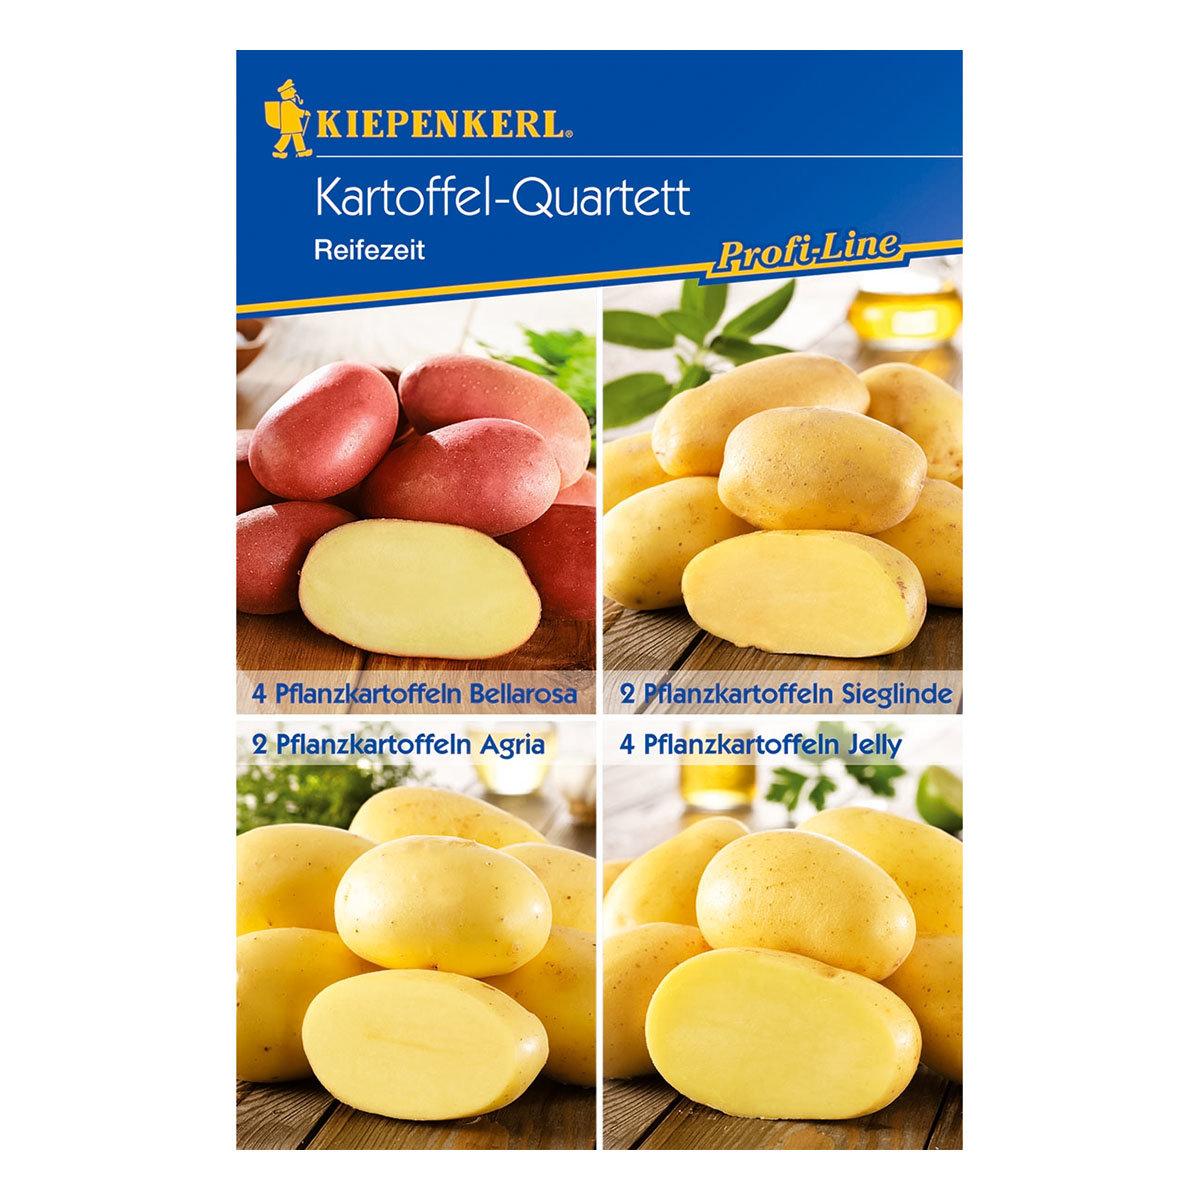 Kartoffel-Quartett Reifezeit-Spezialitäten, 12 Stück   #2